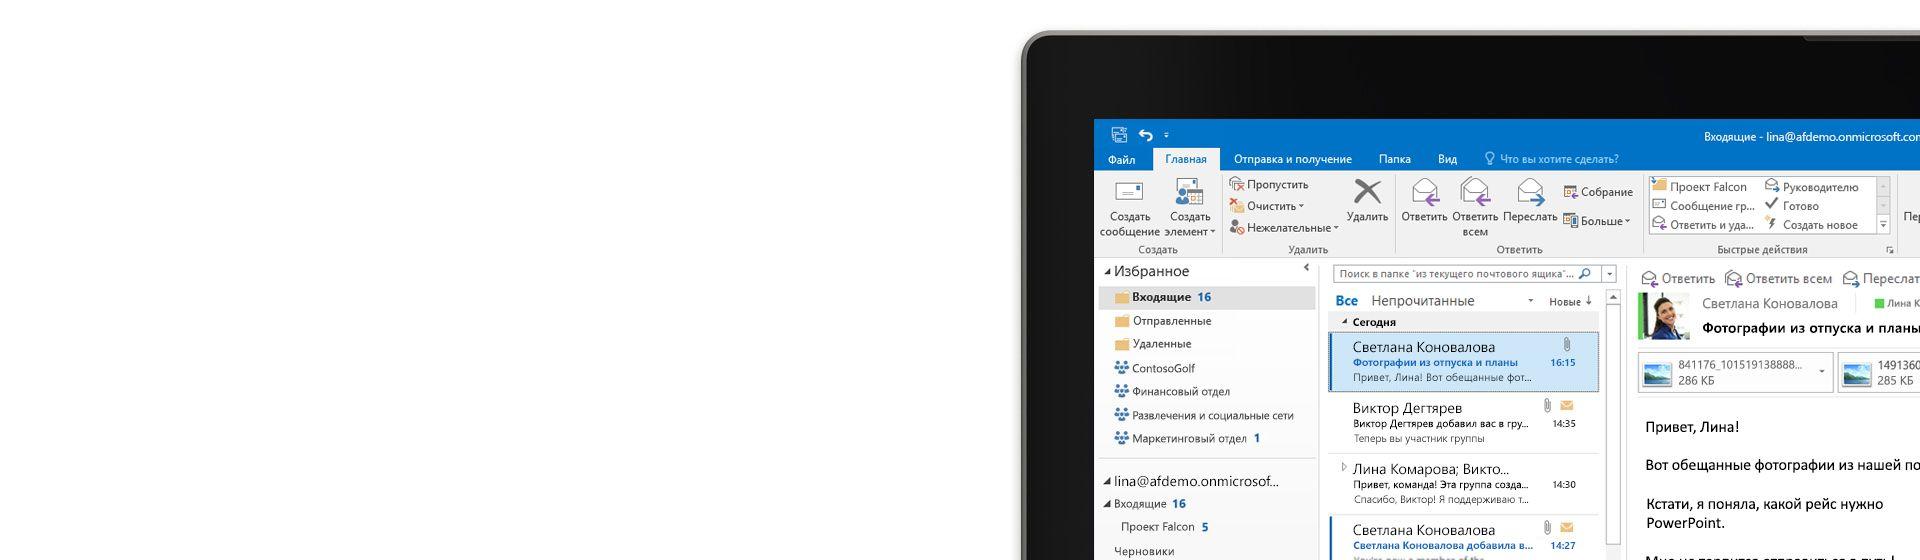 Фрагмент экрана с классической версией приложения Microsoft Outlook